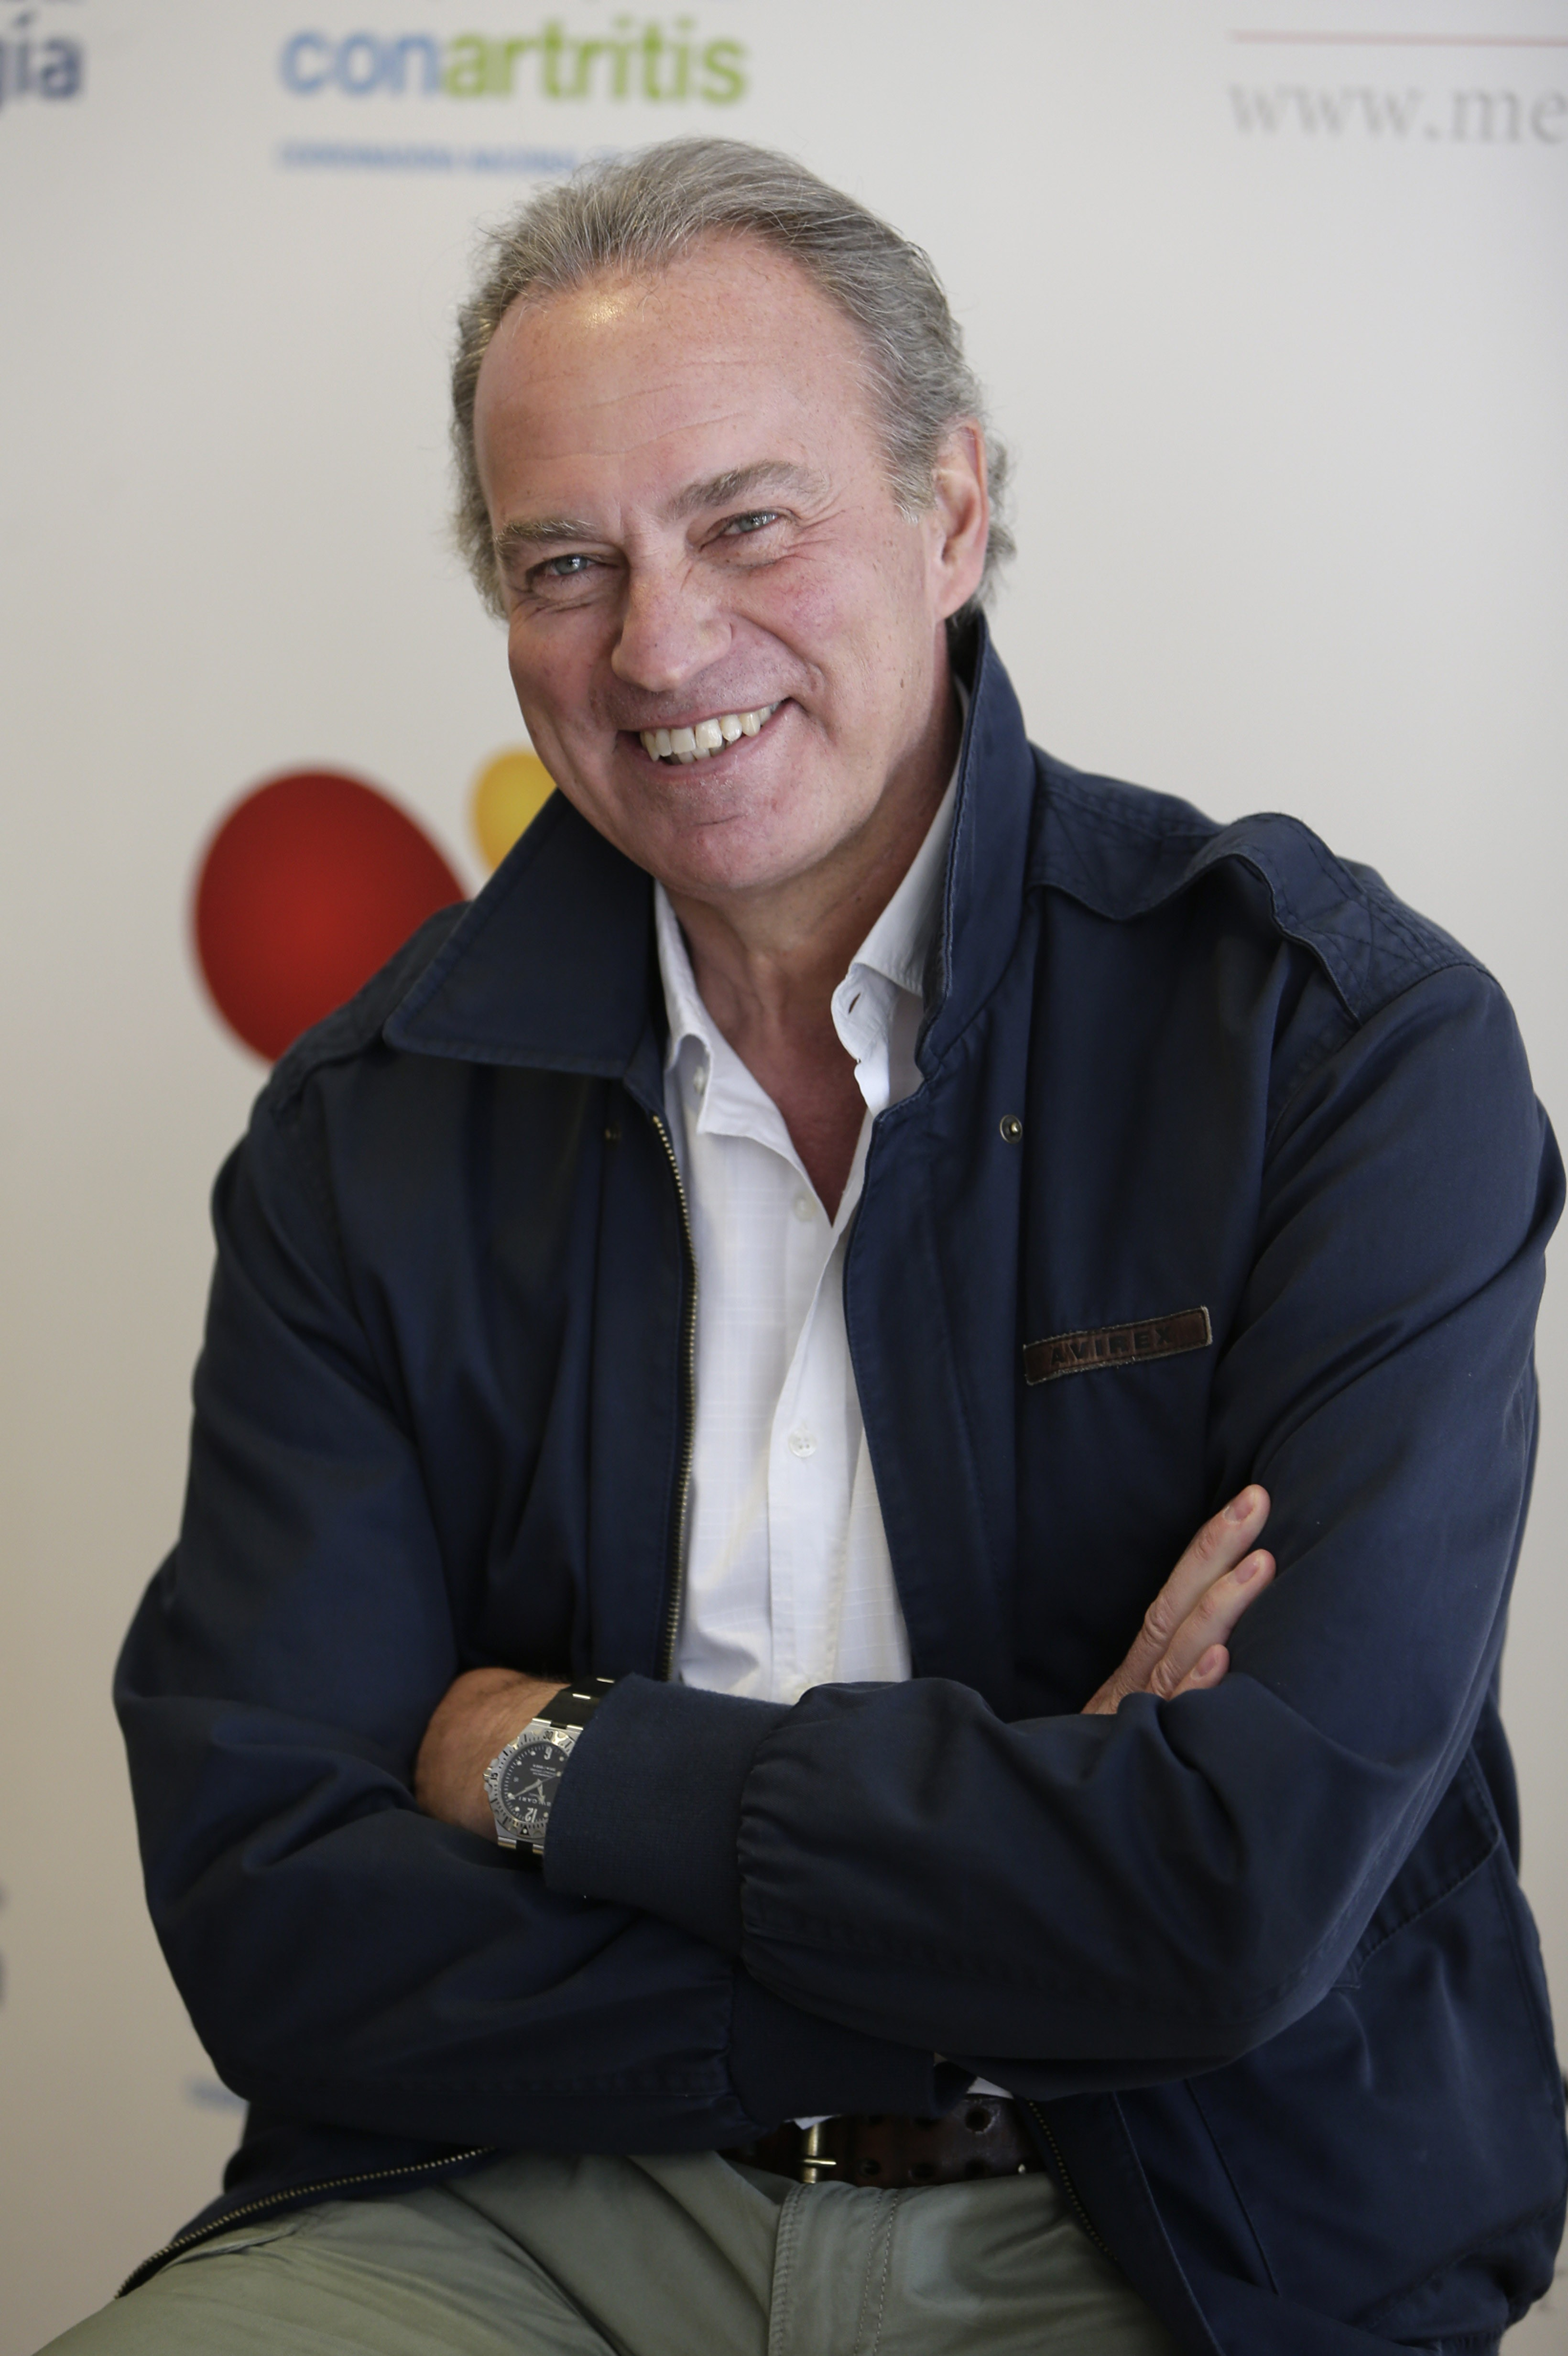 """El presentador y cantante Bertín Osborne durante la presentacion de la campaña """"Un paso + en la gota"""" 2016 en Madrid 05/05/2016 Madrid"""